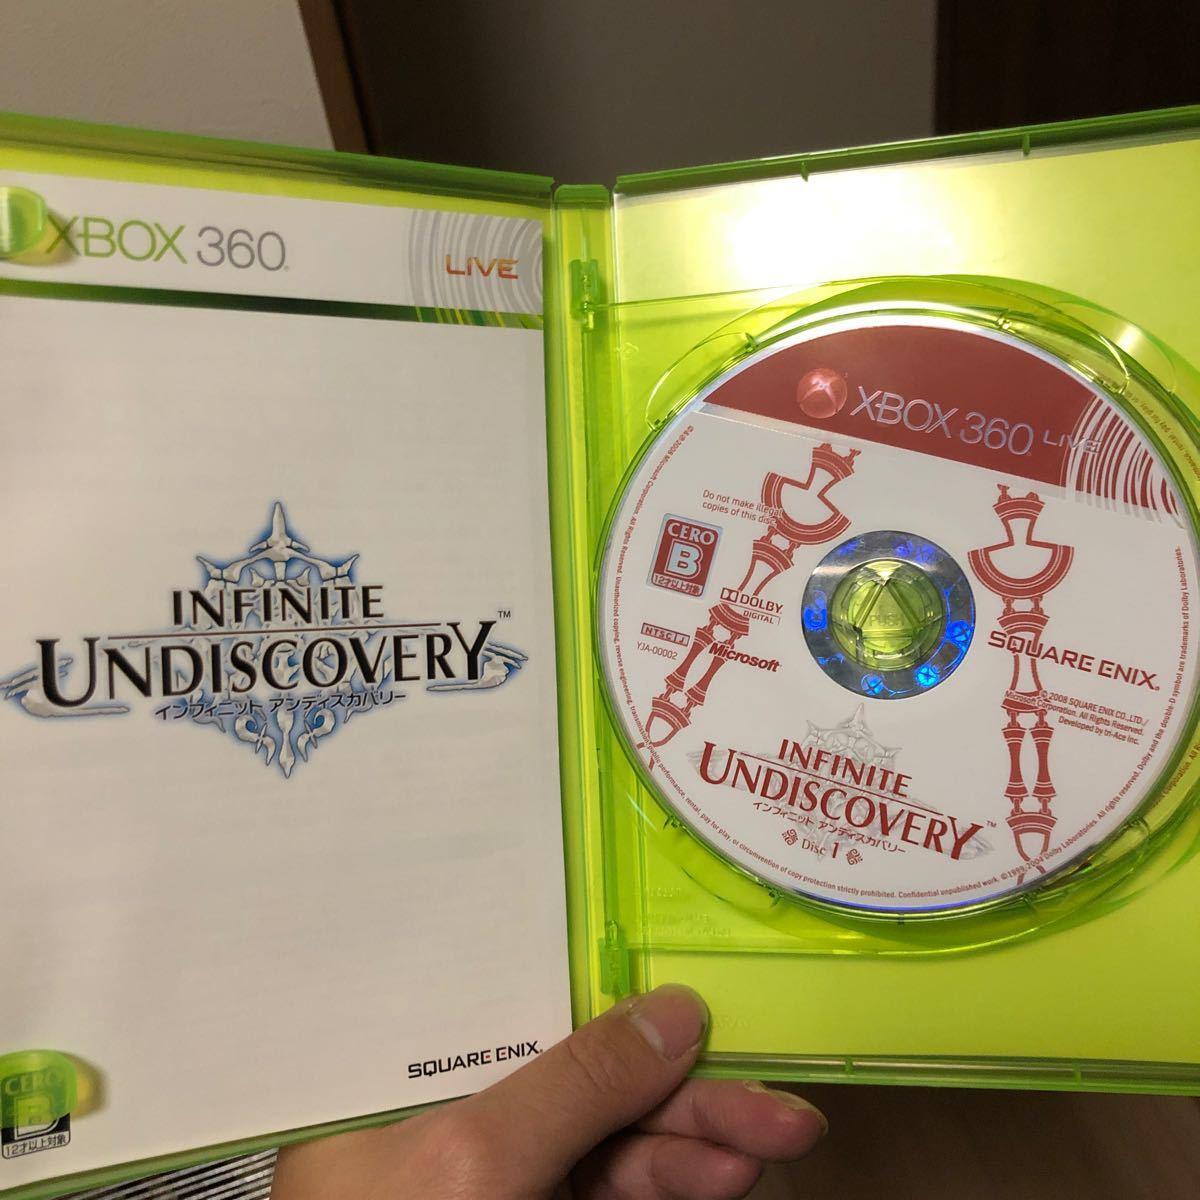 XBOX360 インフィニットアンディスカバリー